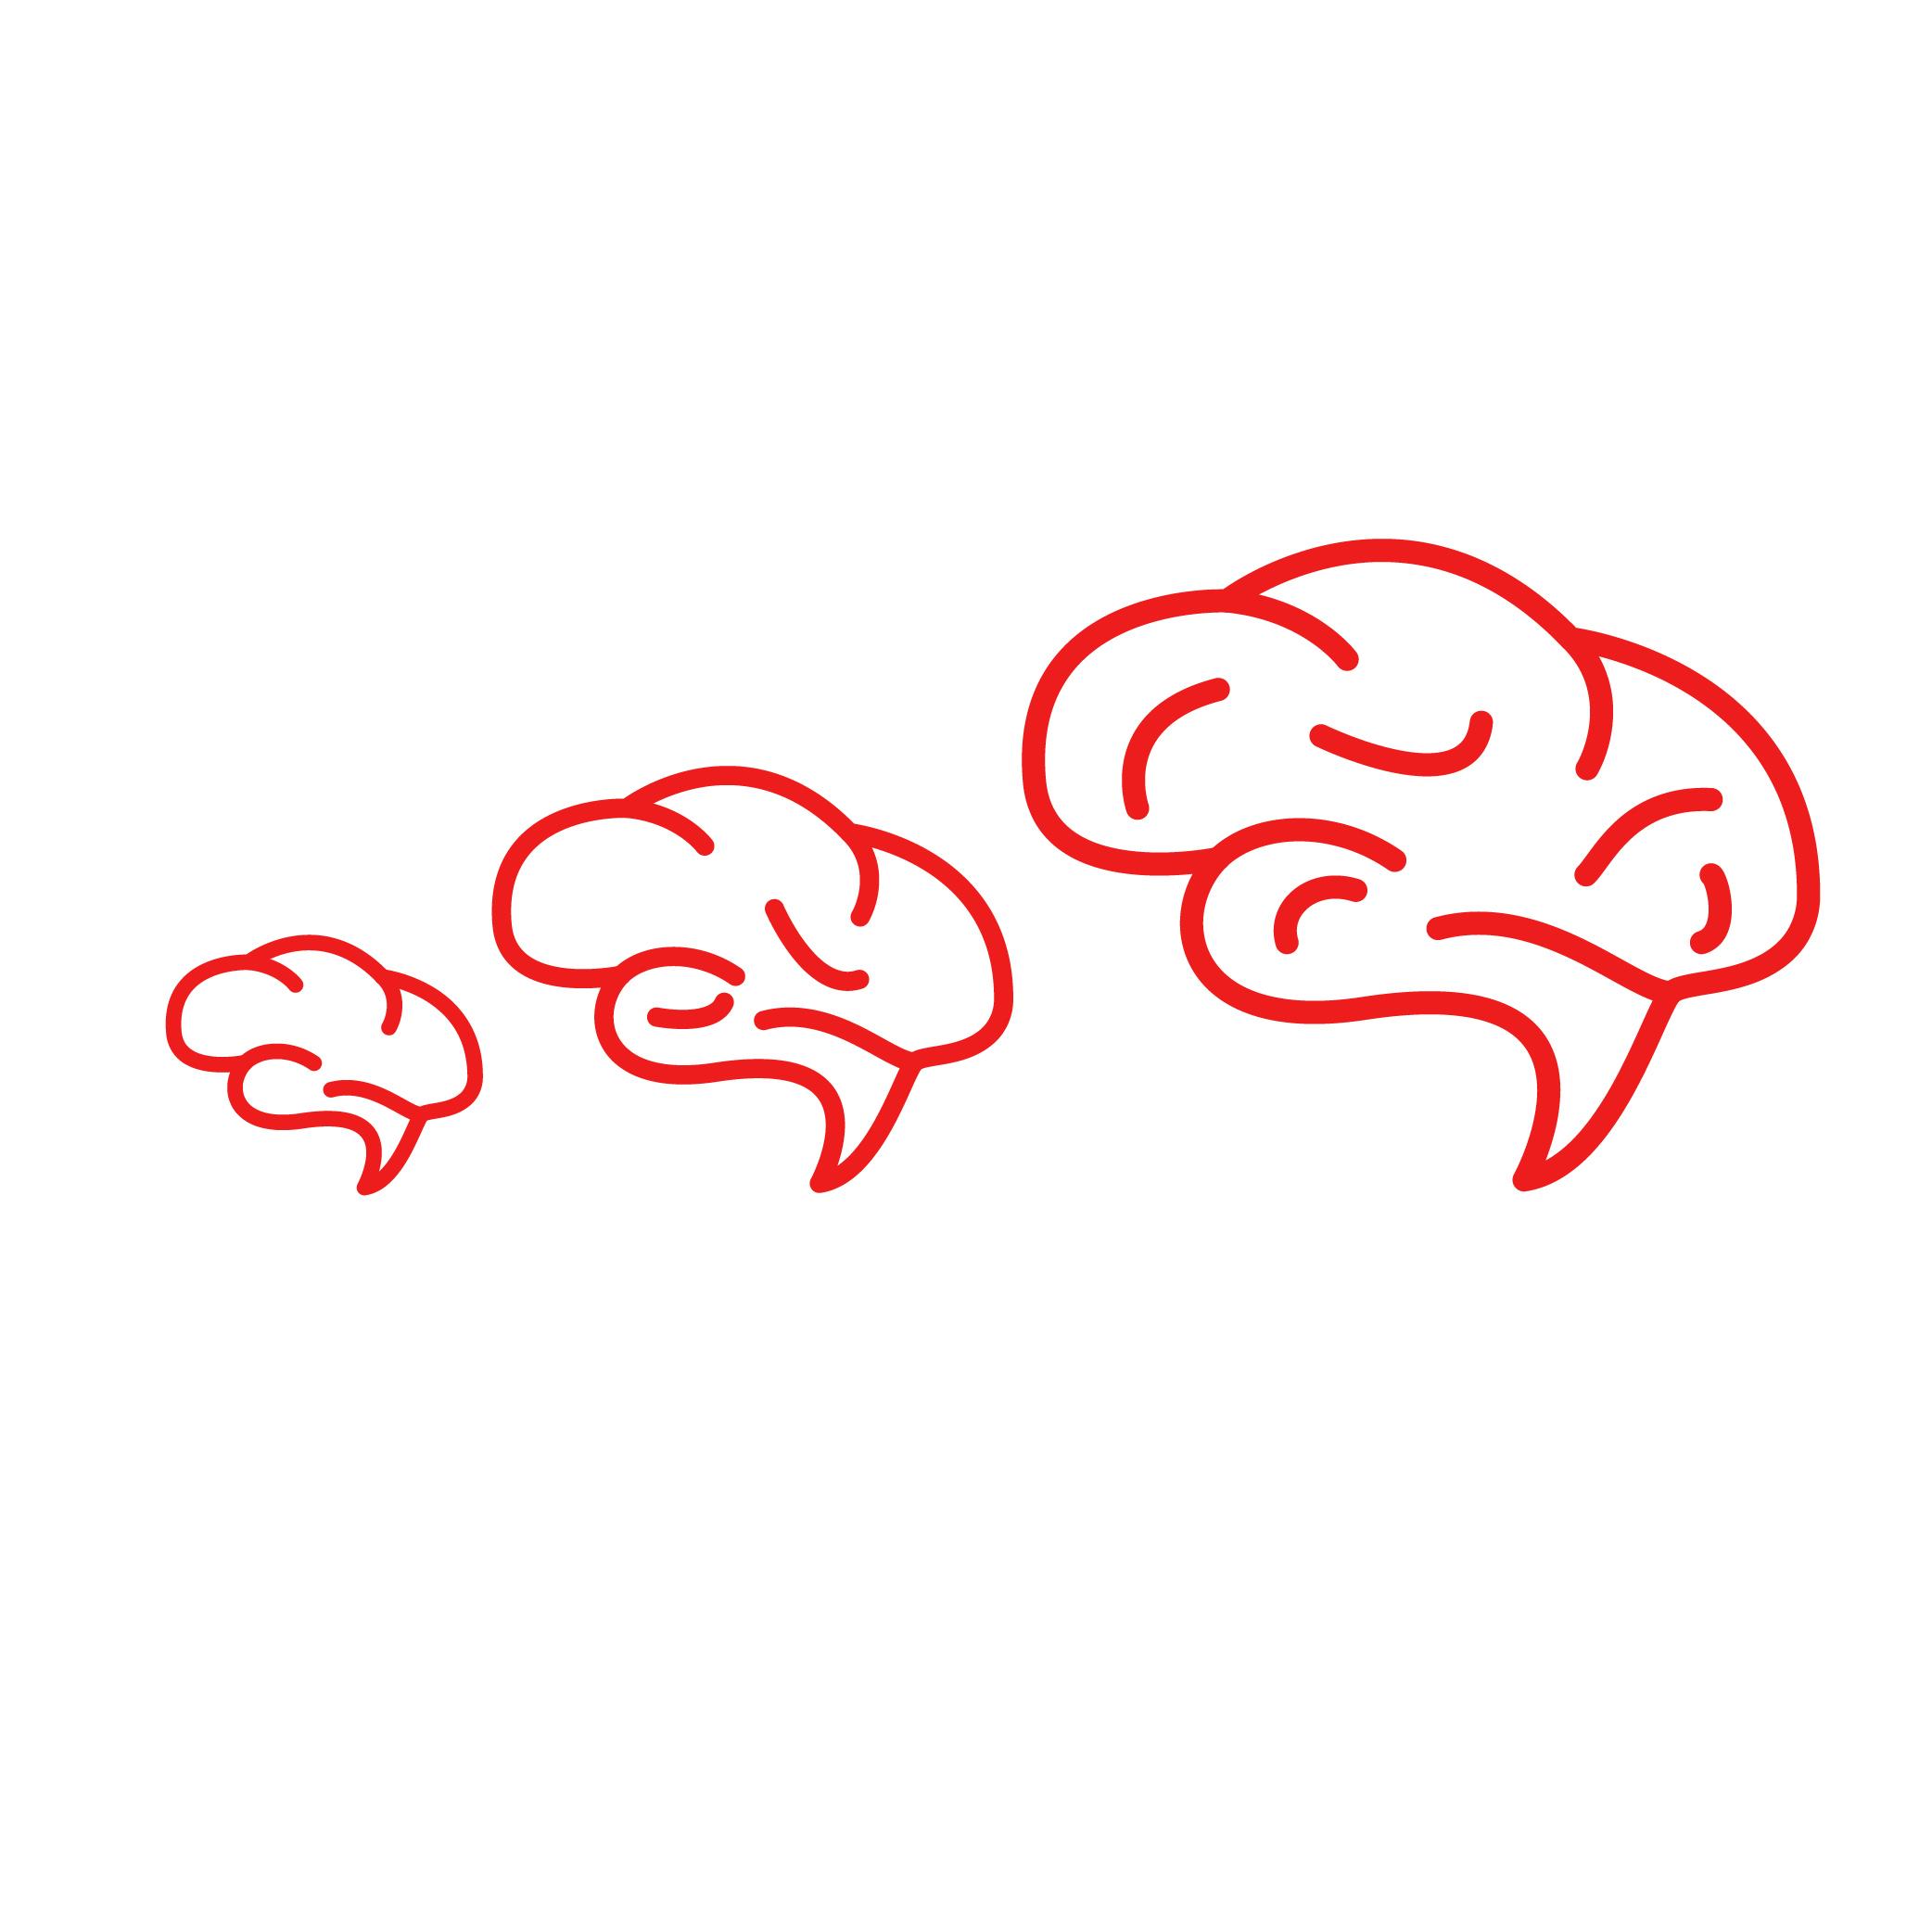 Разработать логотип для Онлайн-школы и сообщества фото f_0115bc0f9c94ab4c.jpg